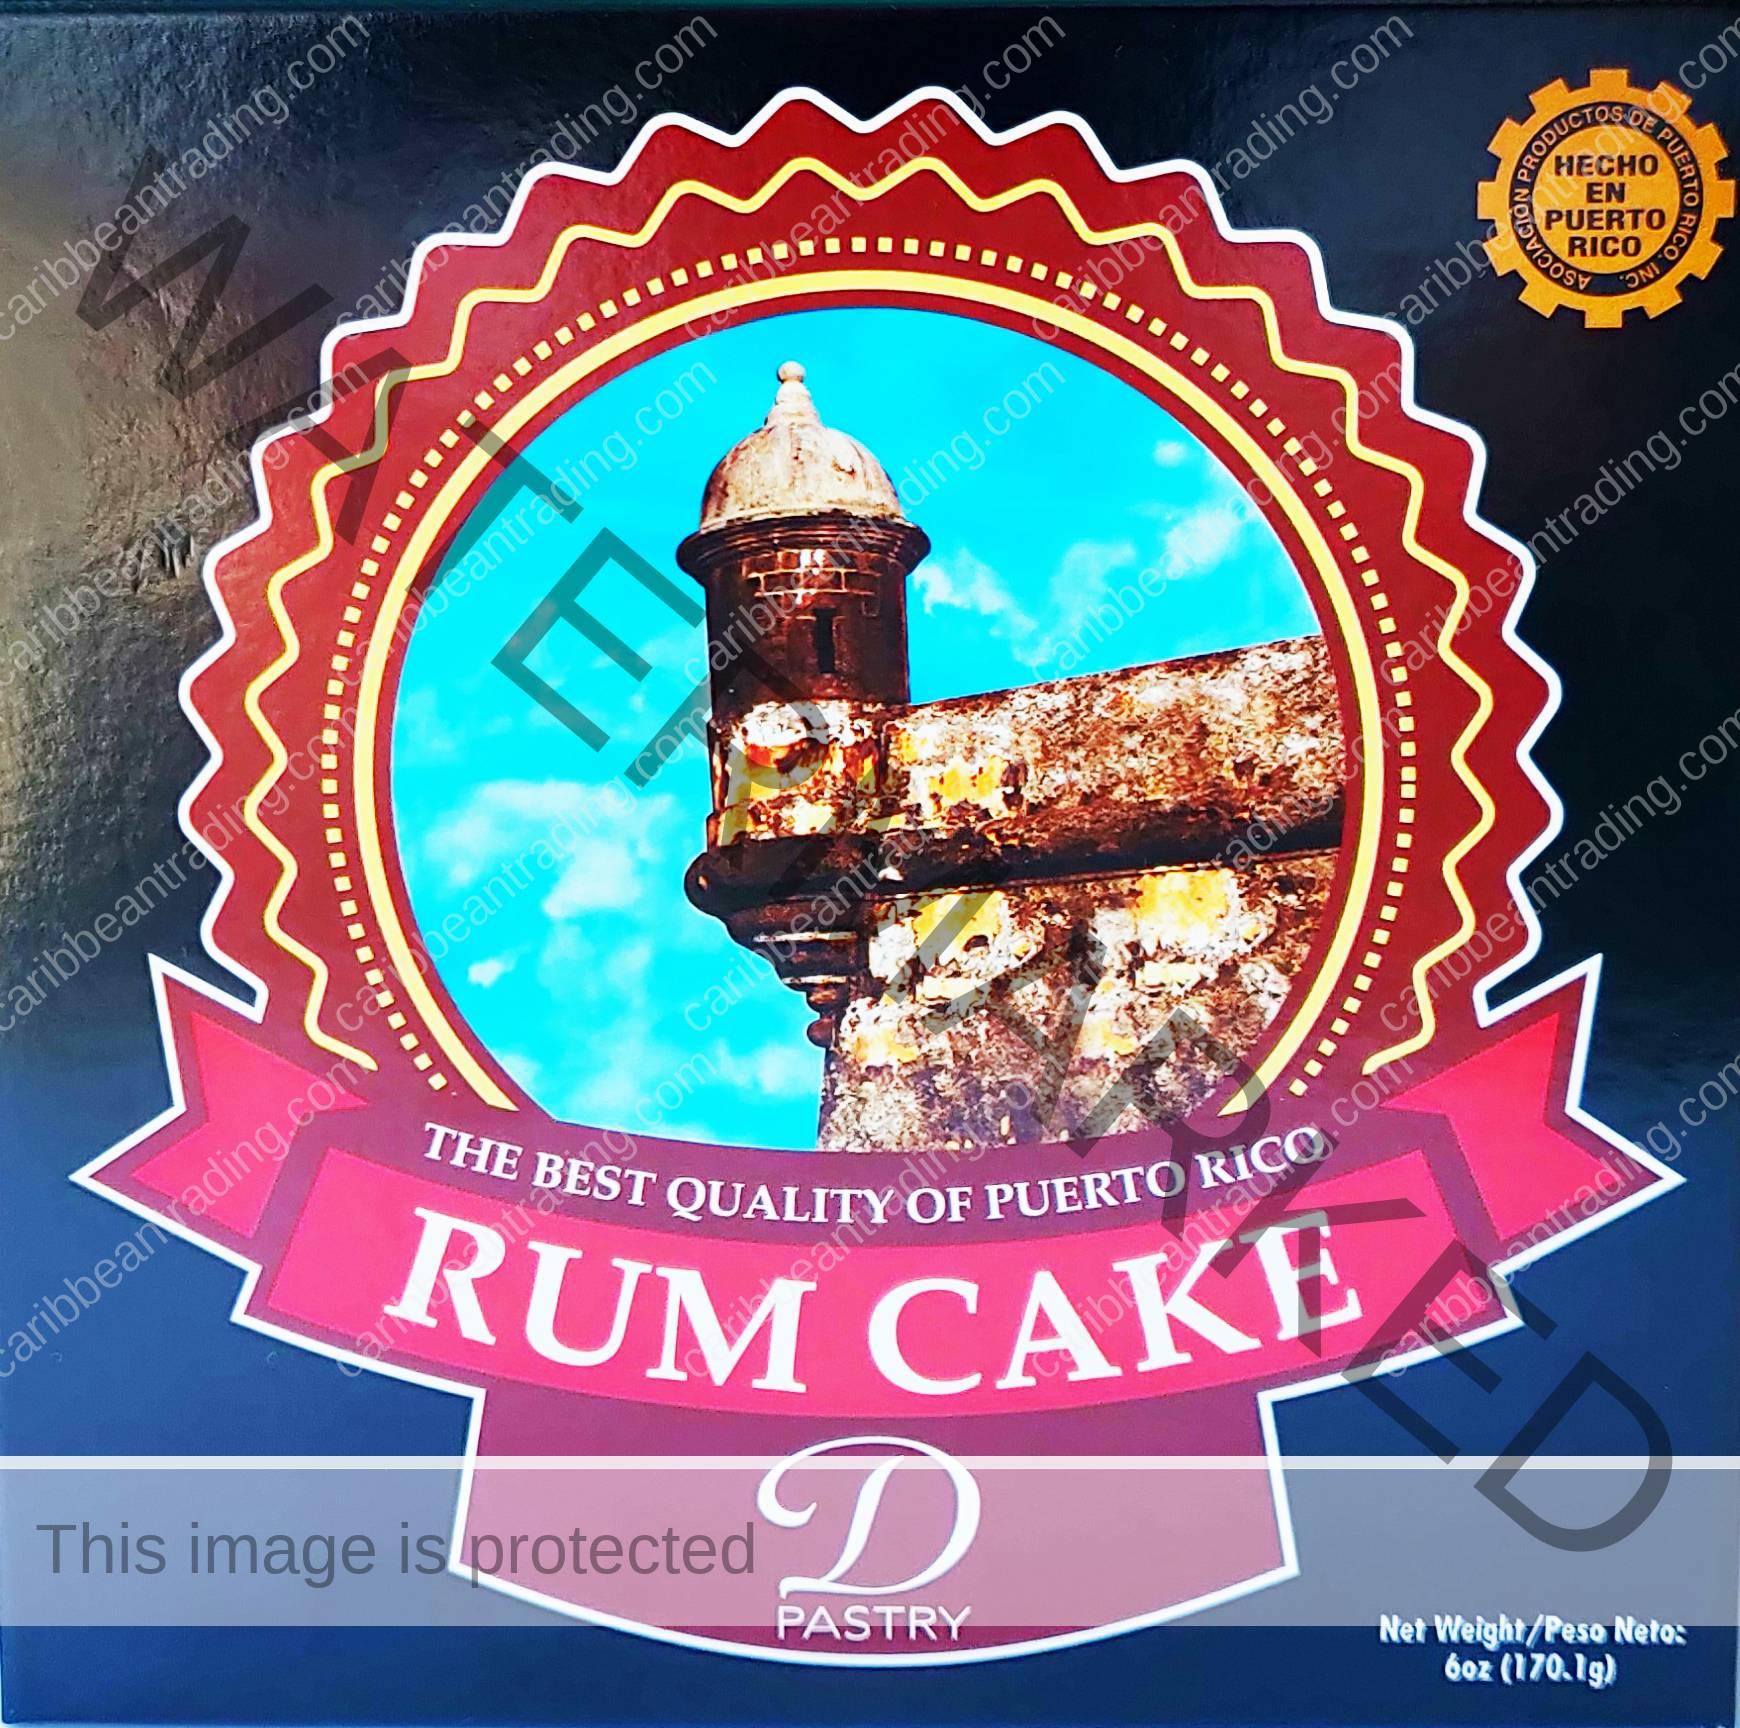 D'Pastry Puerto Rico Rum Cake 6 oz.